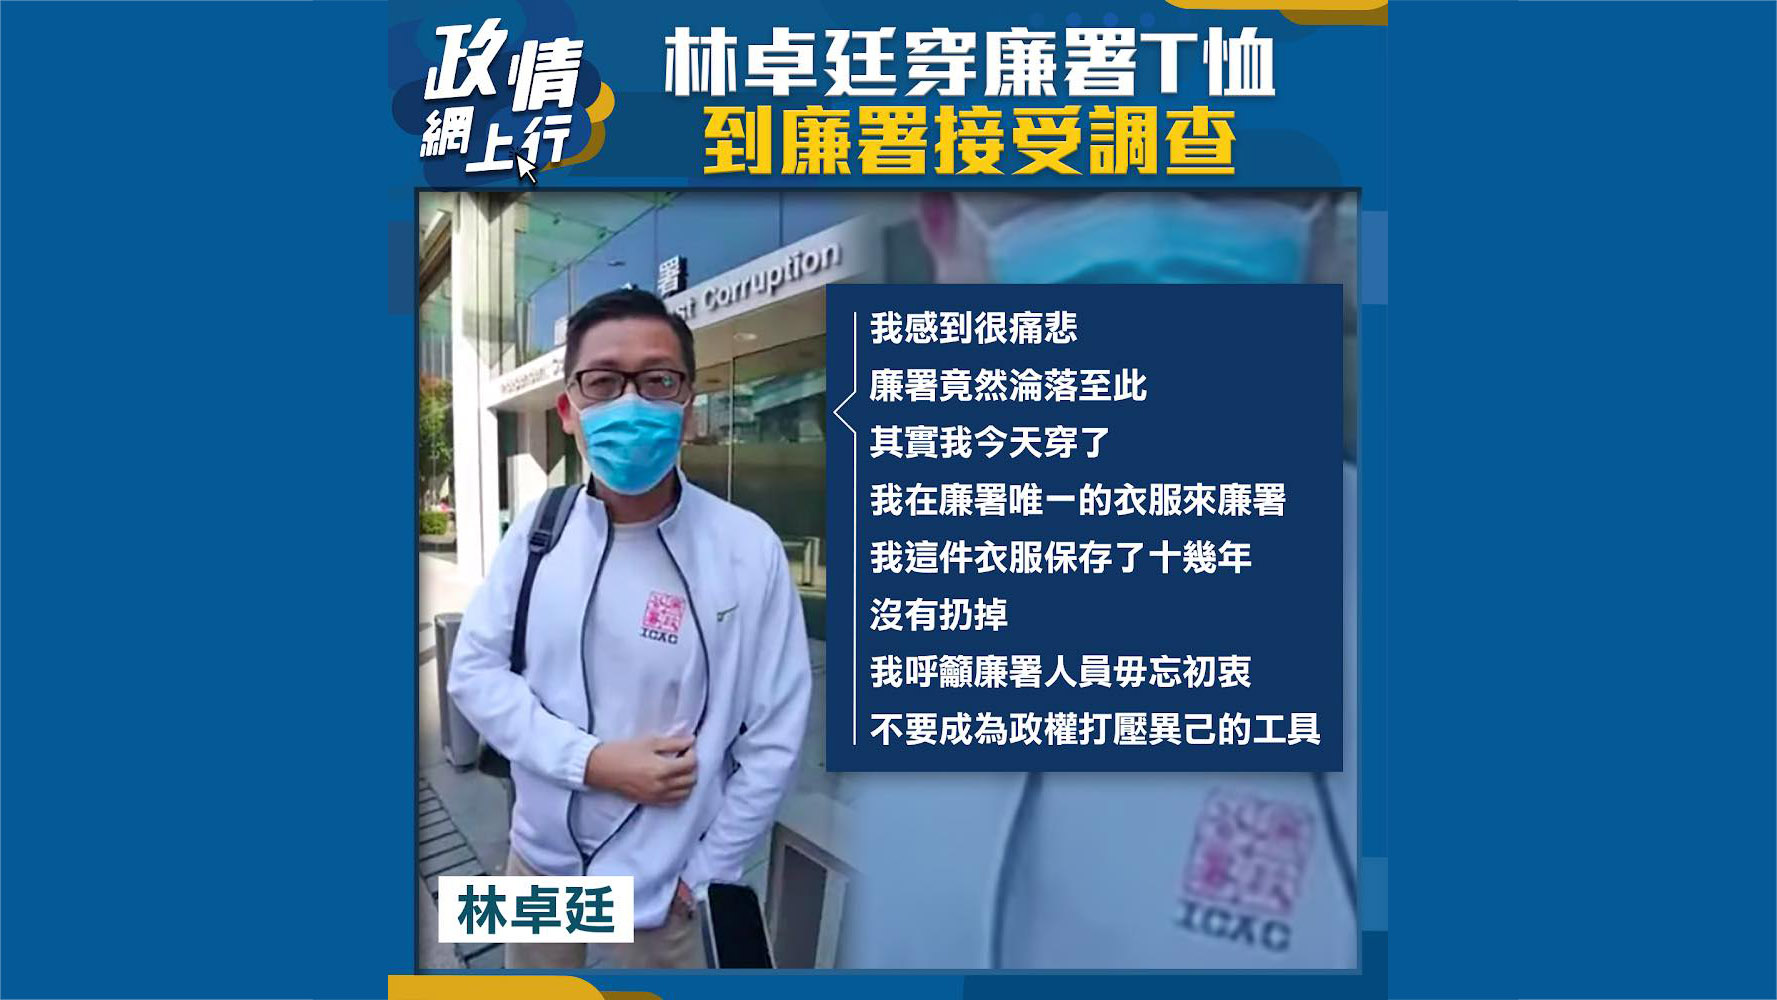 【政情網上行】林卓廷穿廉署T恤到廉署接受調查